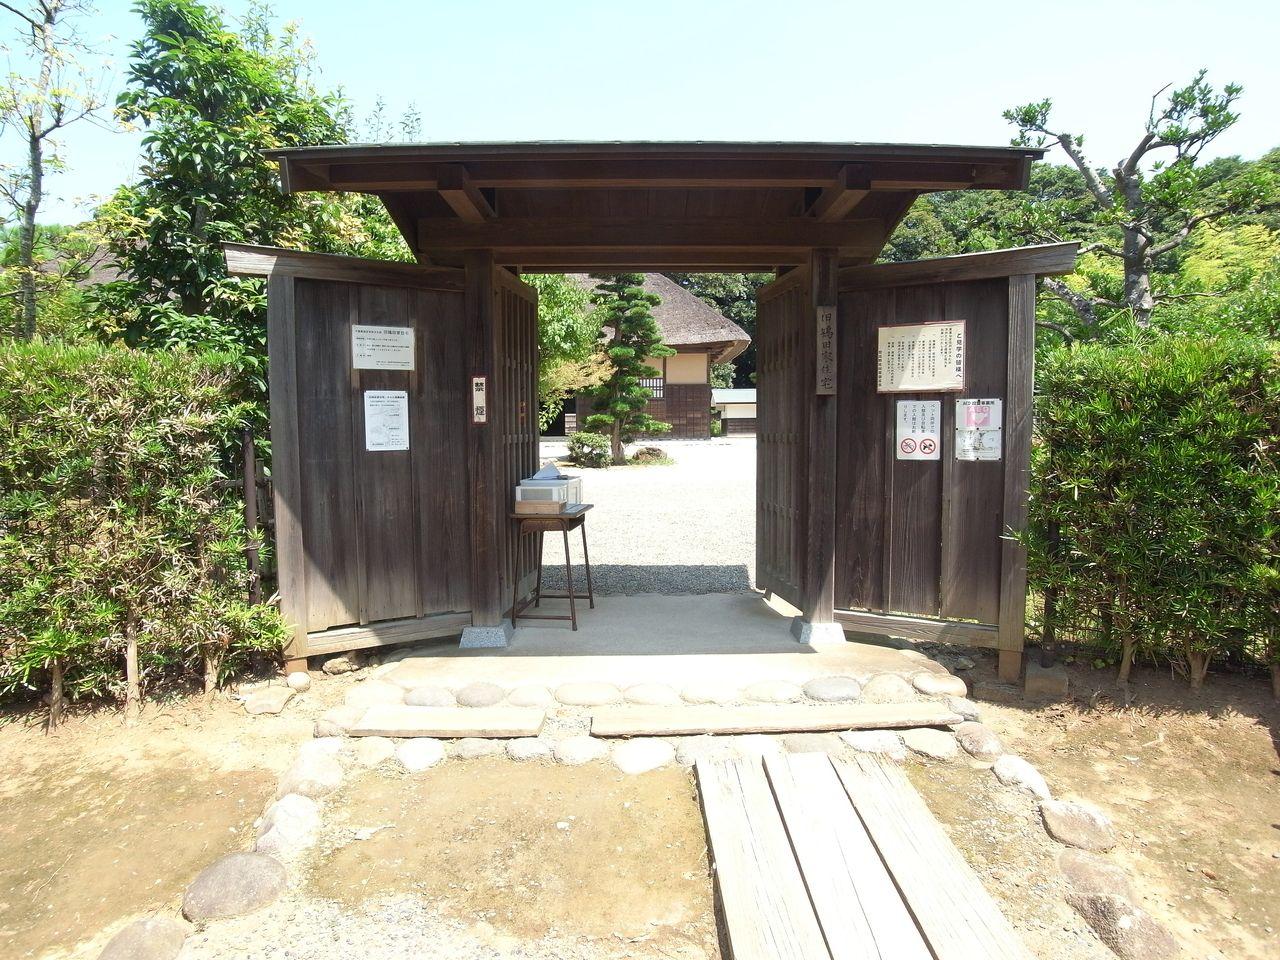 千葉県指定有形文化財の「旧鴇田家住宅」